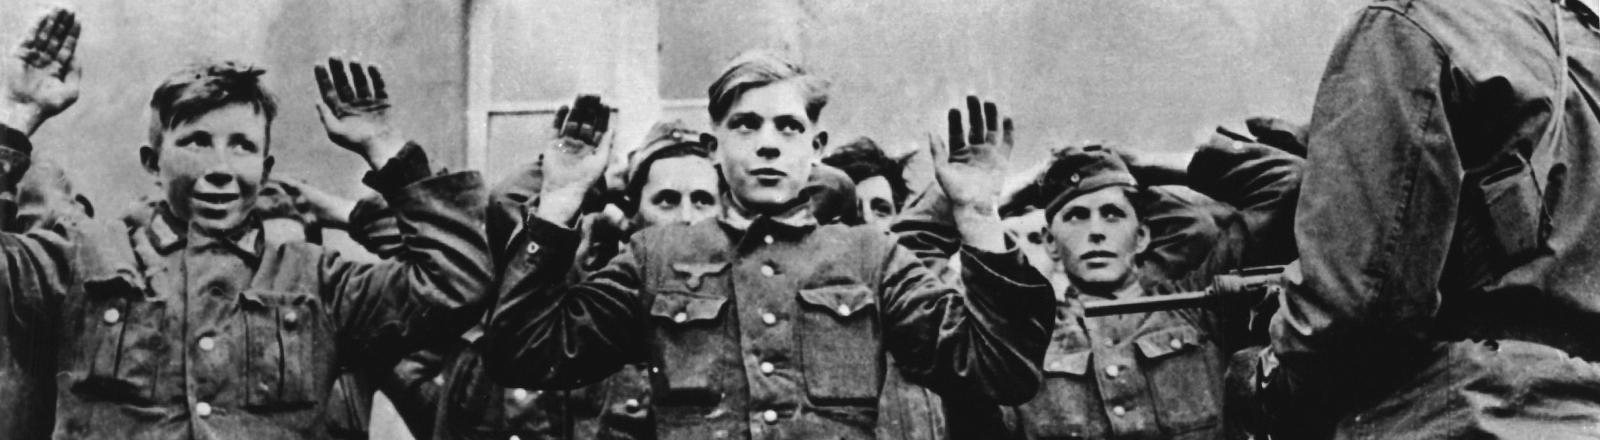 Mehrere junge, deutsche Soldaten werden von amerikanischen Truppen gefangen genommen.